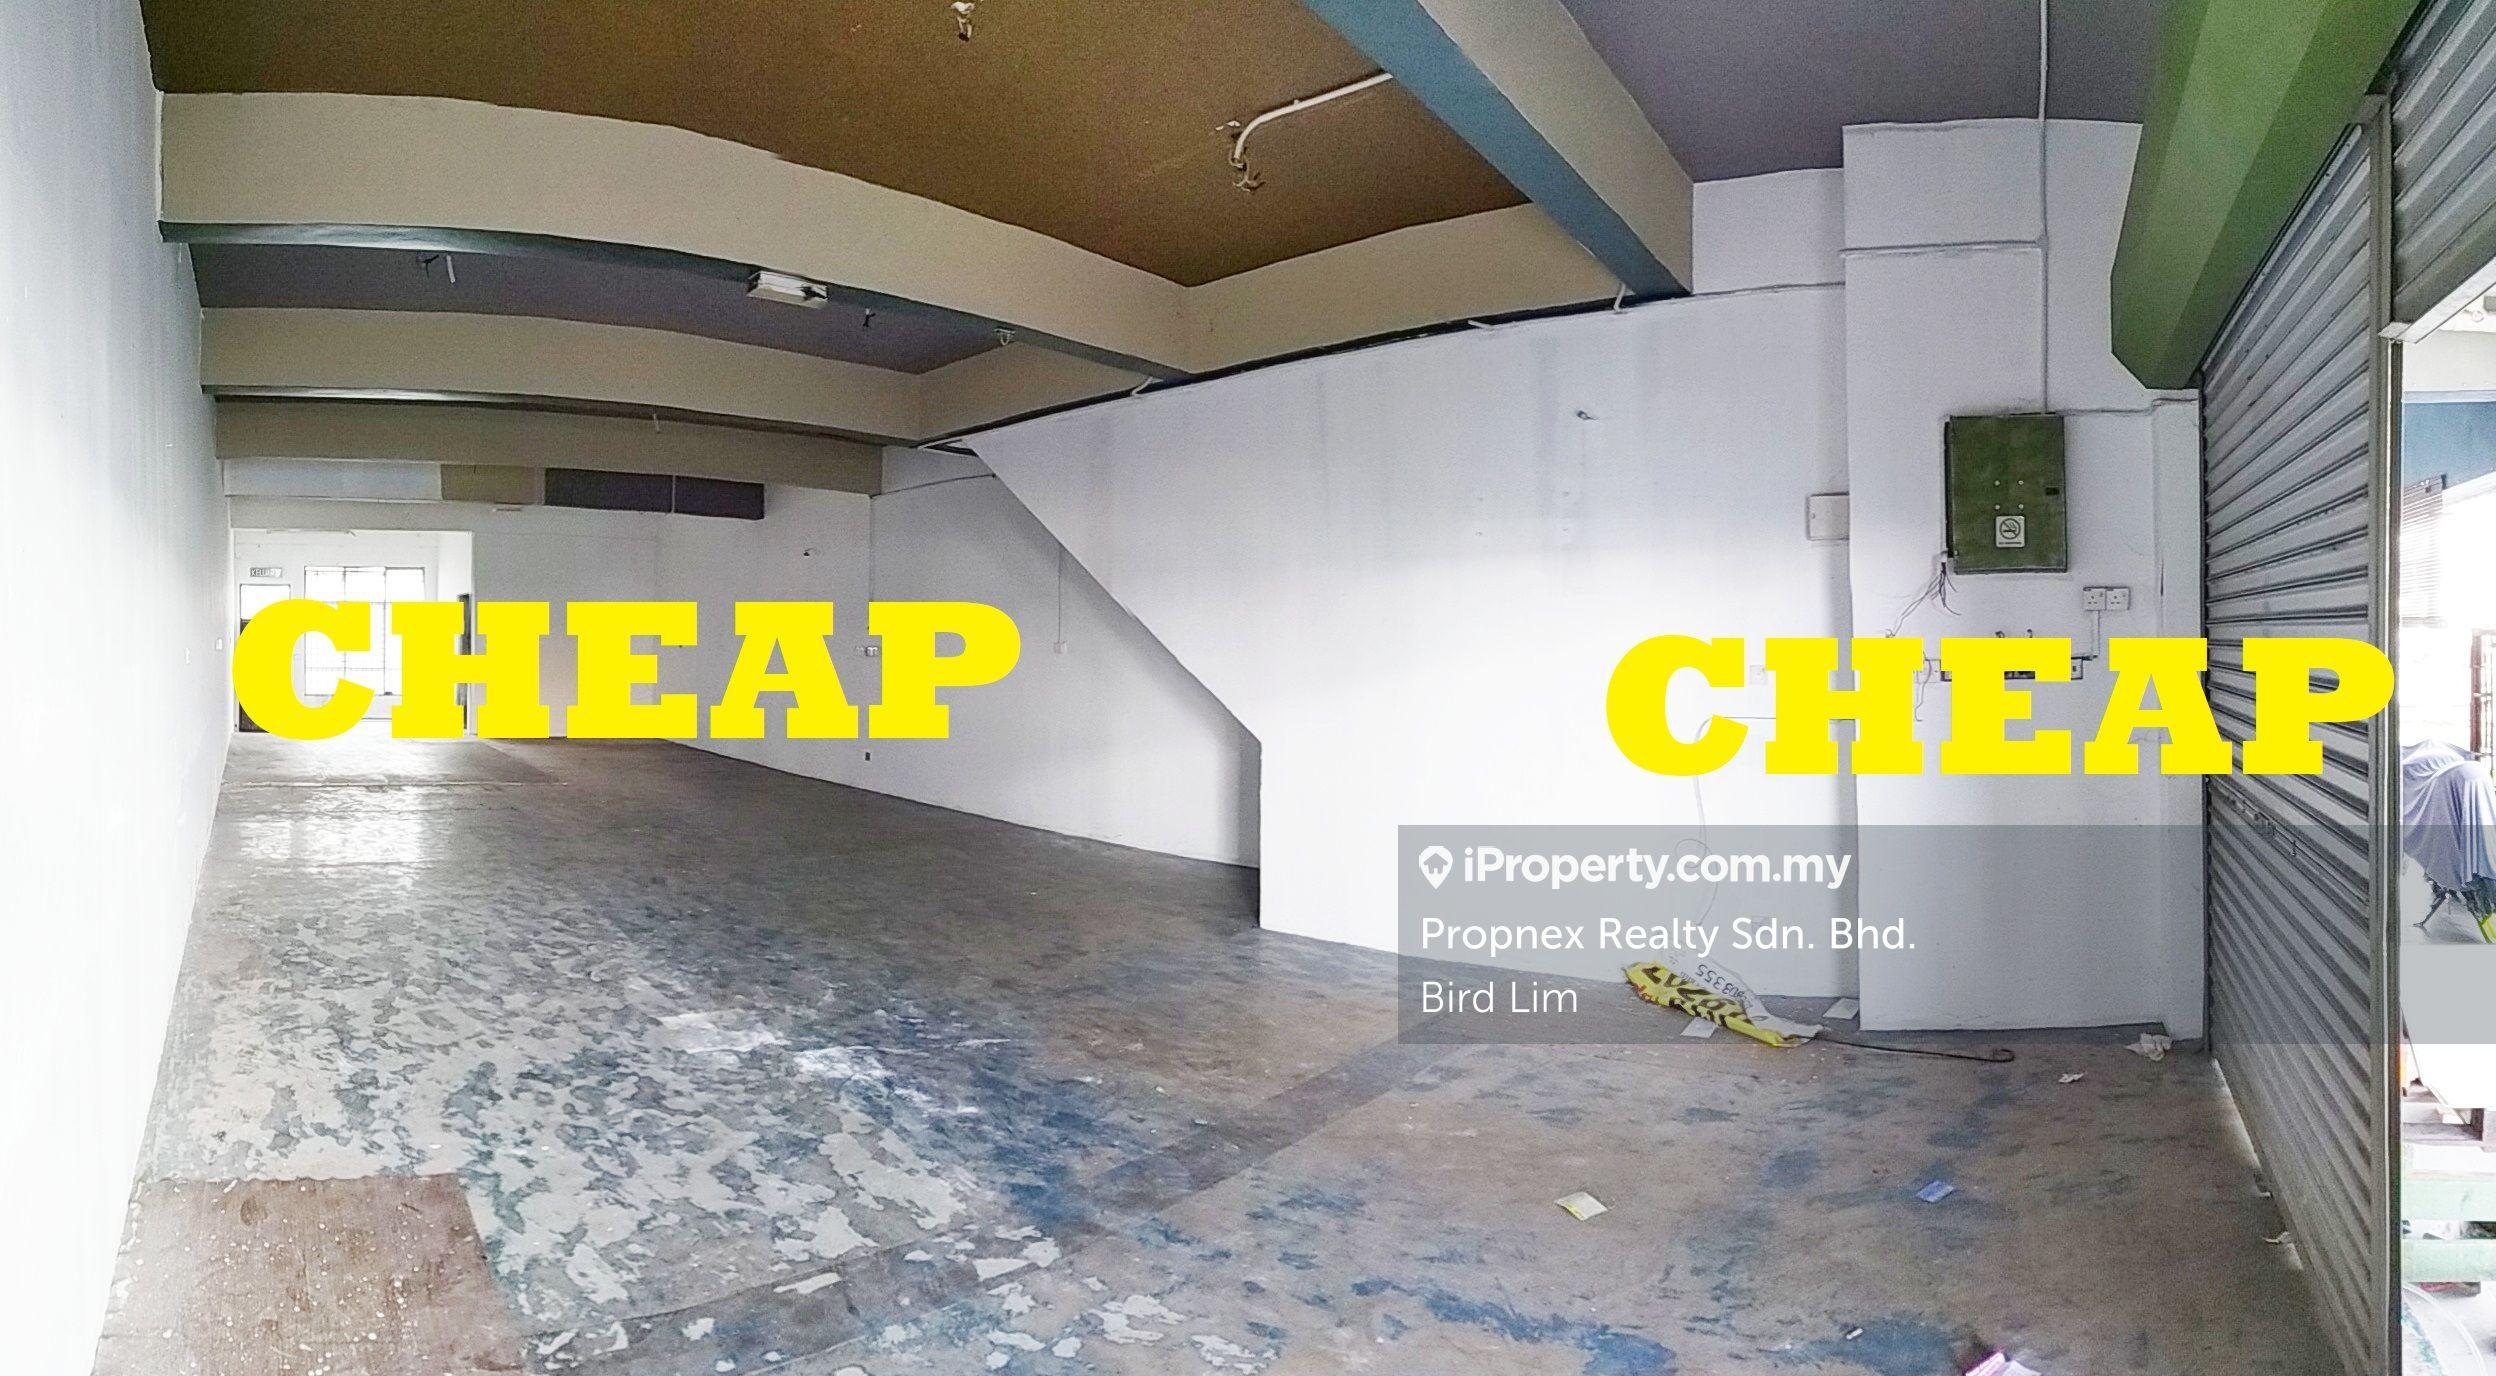 PUDU, Jalan Pudu, Jalan Imbi, Jalan Sultan Ismail, Jalan Hang Tuah, Jalan Pasar,, PUDU, Imbi, TRX, Cheras, Maluri, Bukit Bintang,, Bukit Bintang